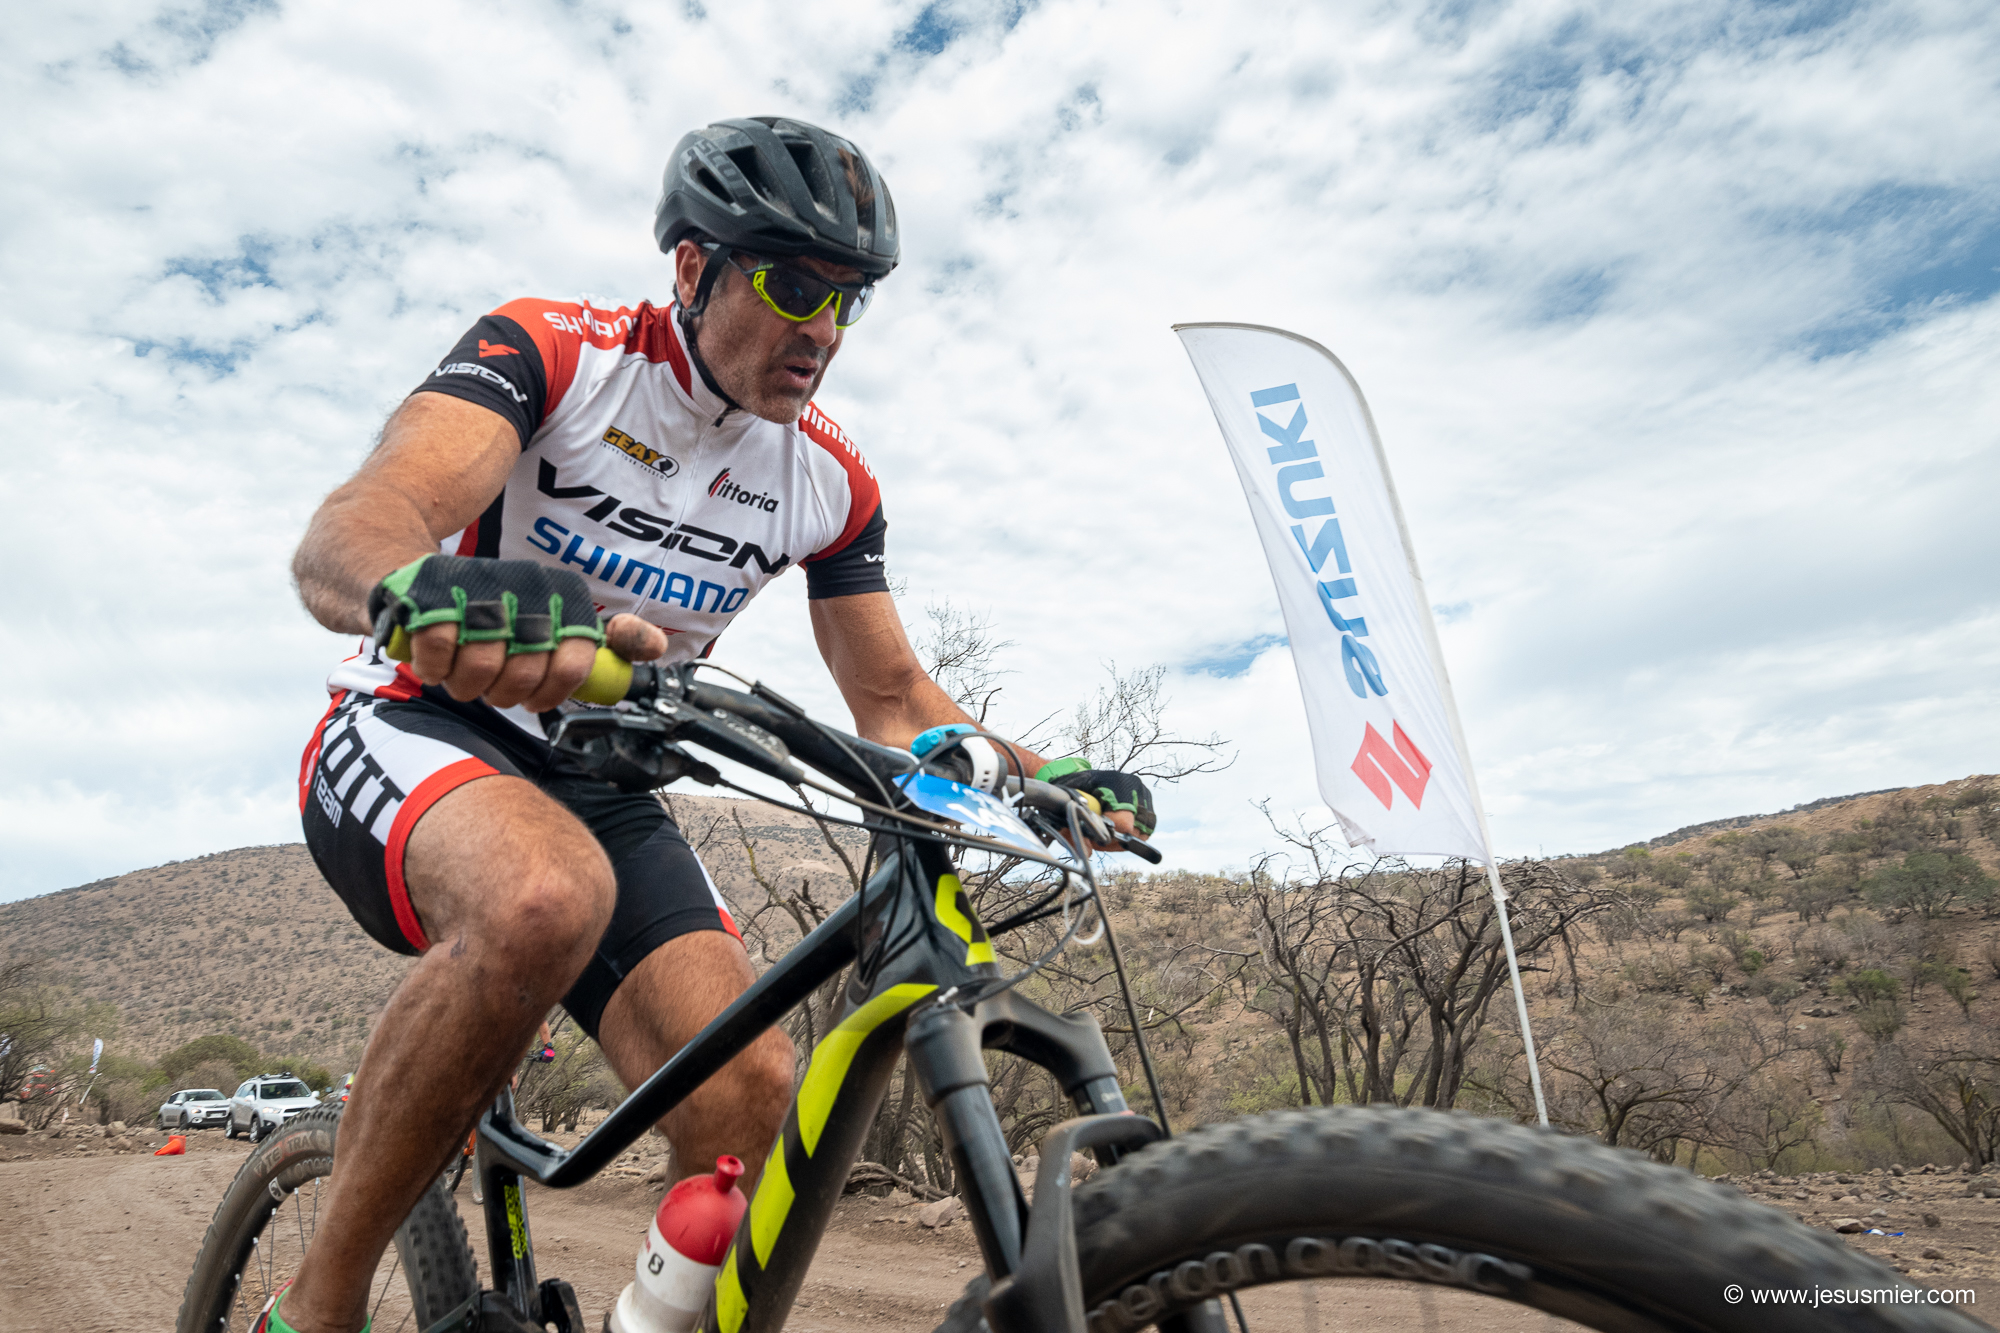 Suzuki Mountainbike Tour 2019 – Hacienda Guay Guay. Foto: Jesus Mier